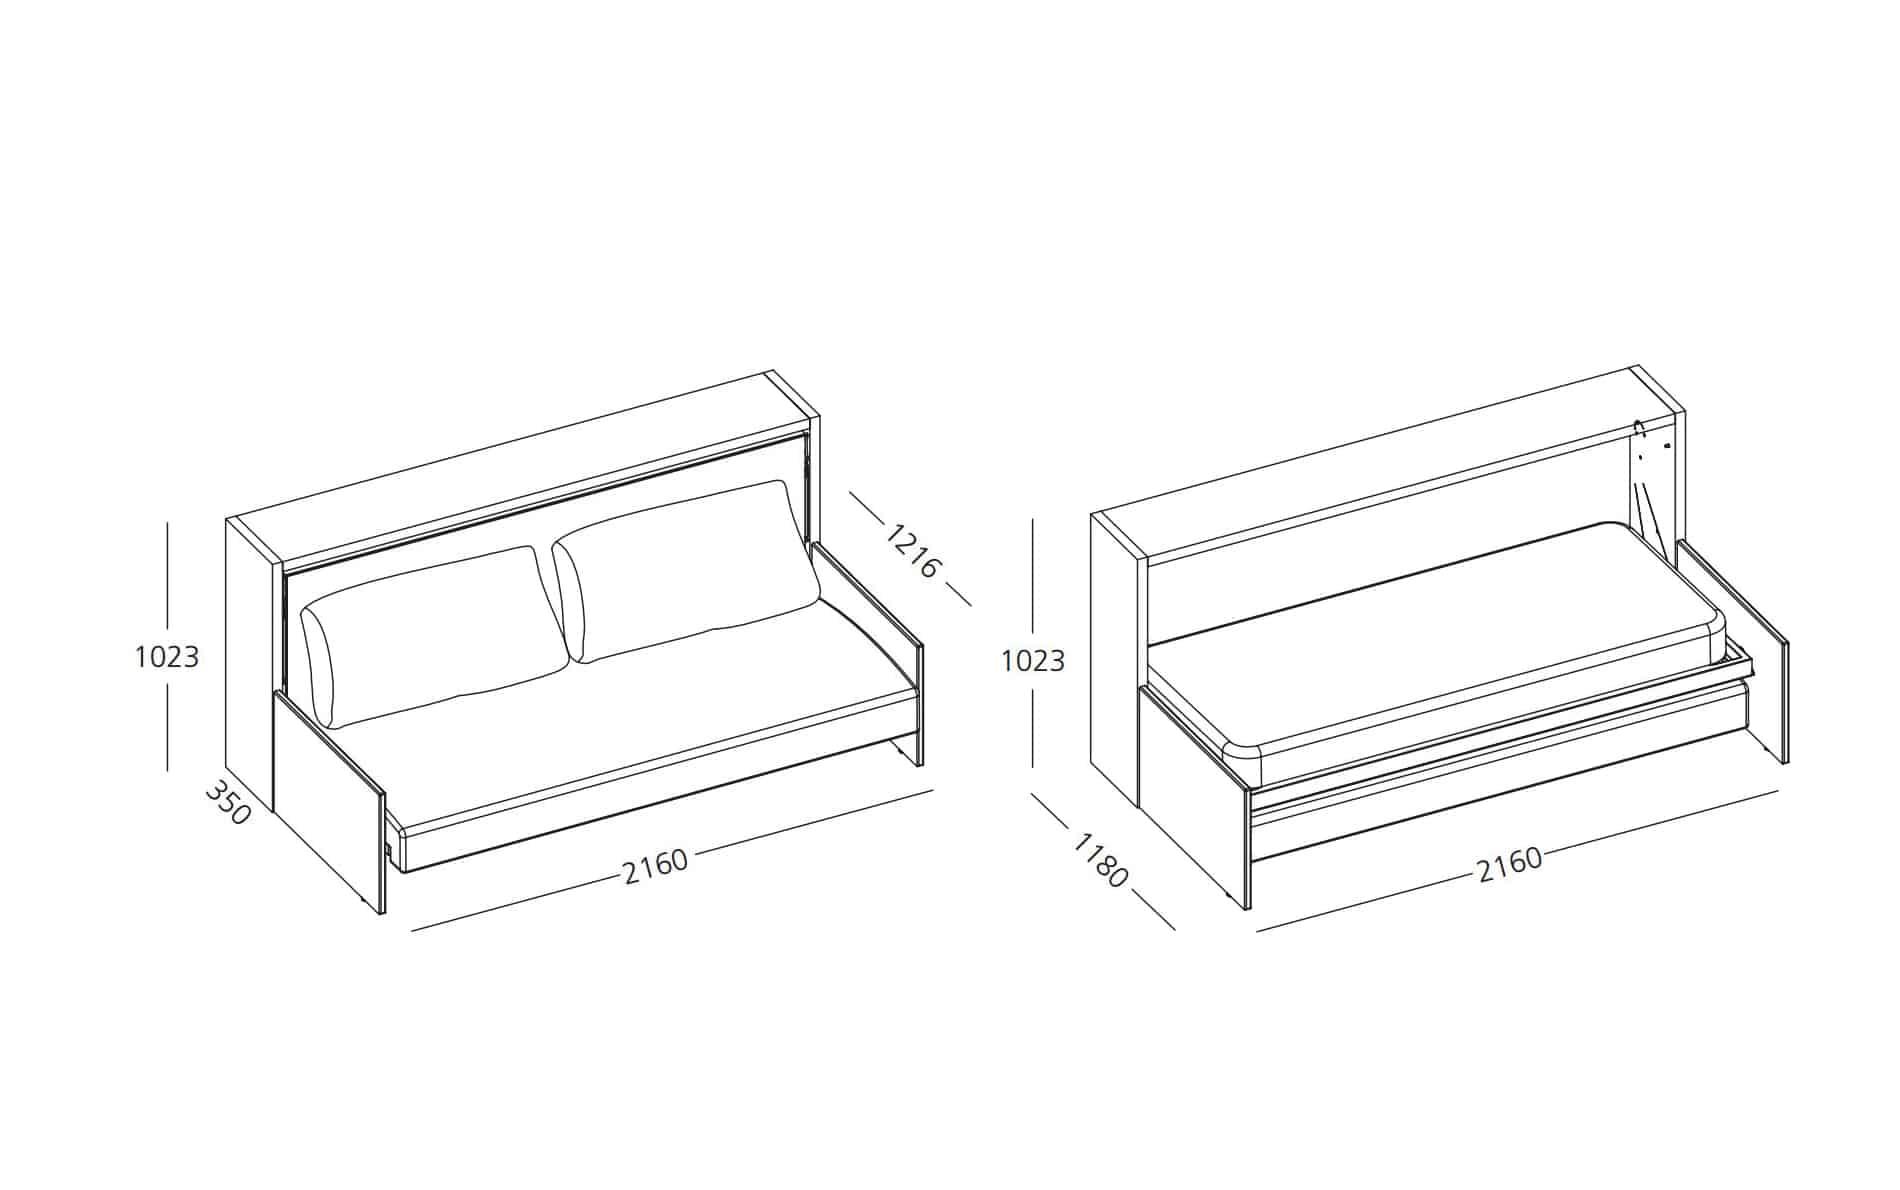 clei schrankbetten online kaufen m bel suchmaschine. Black Bedroom Furniture Sets. Home Design Ideas